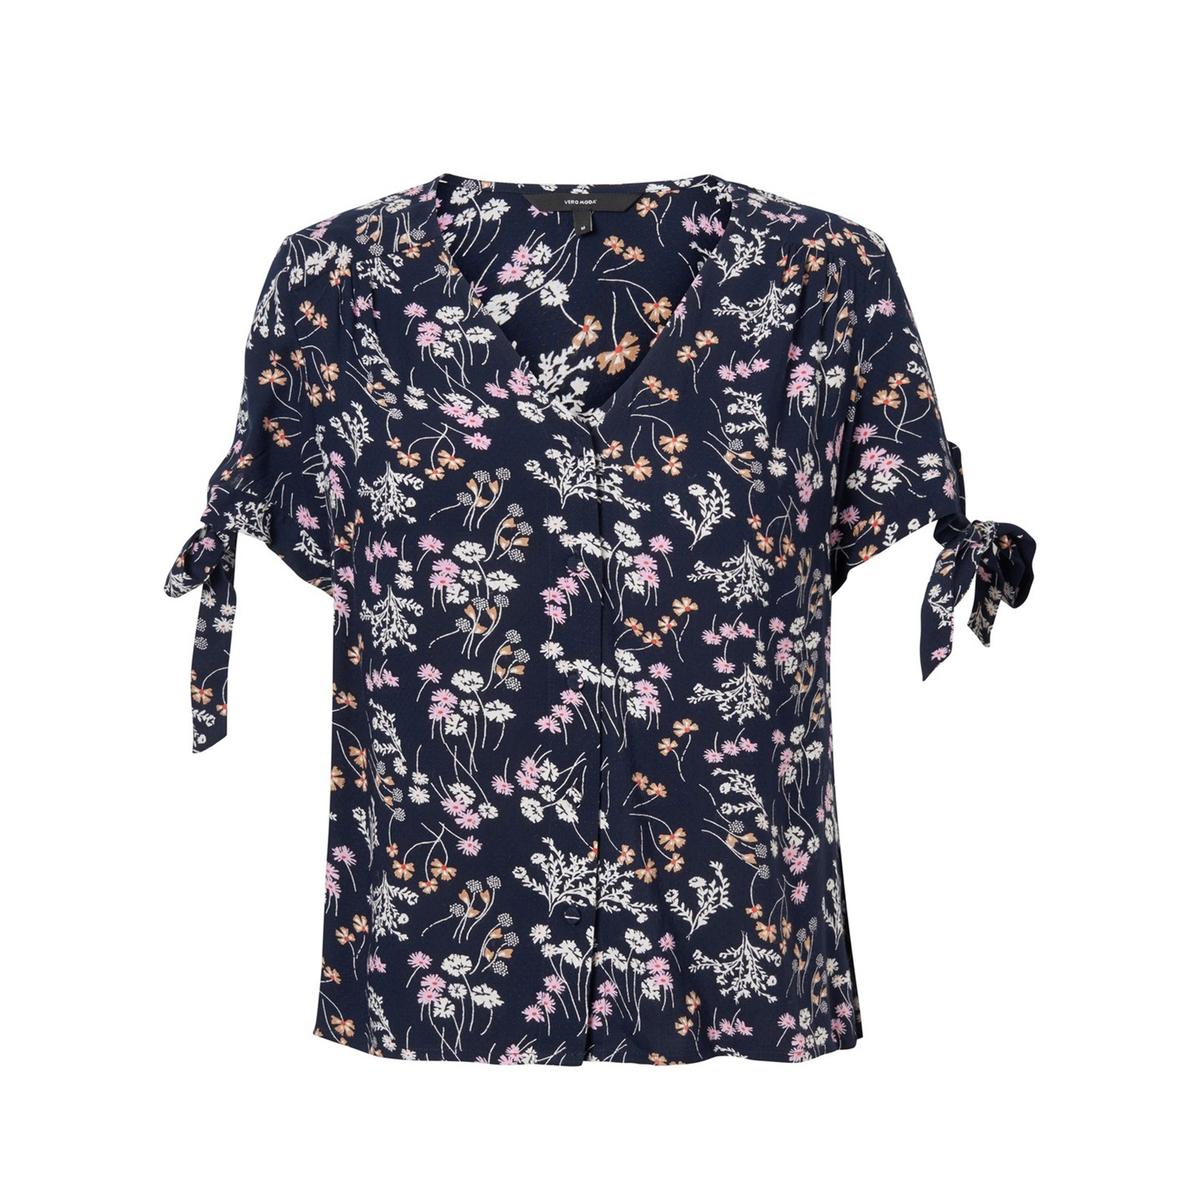 цена Блузка La Redoute С V-образным вырезом цветочным рисунком и короткими рукавами Lotus XS синий онлайн в 2017 году